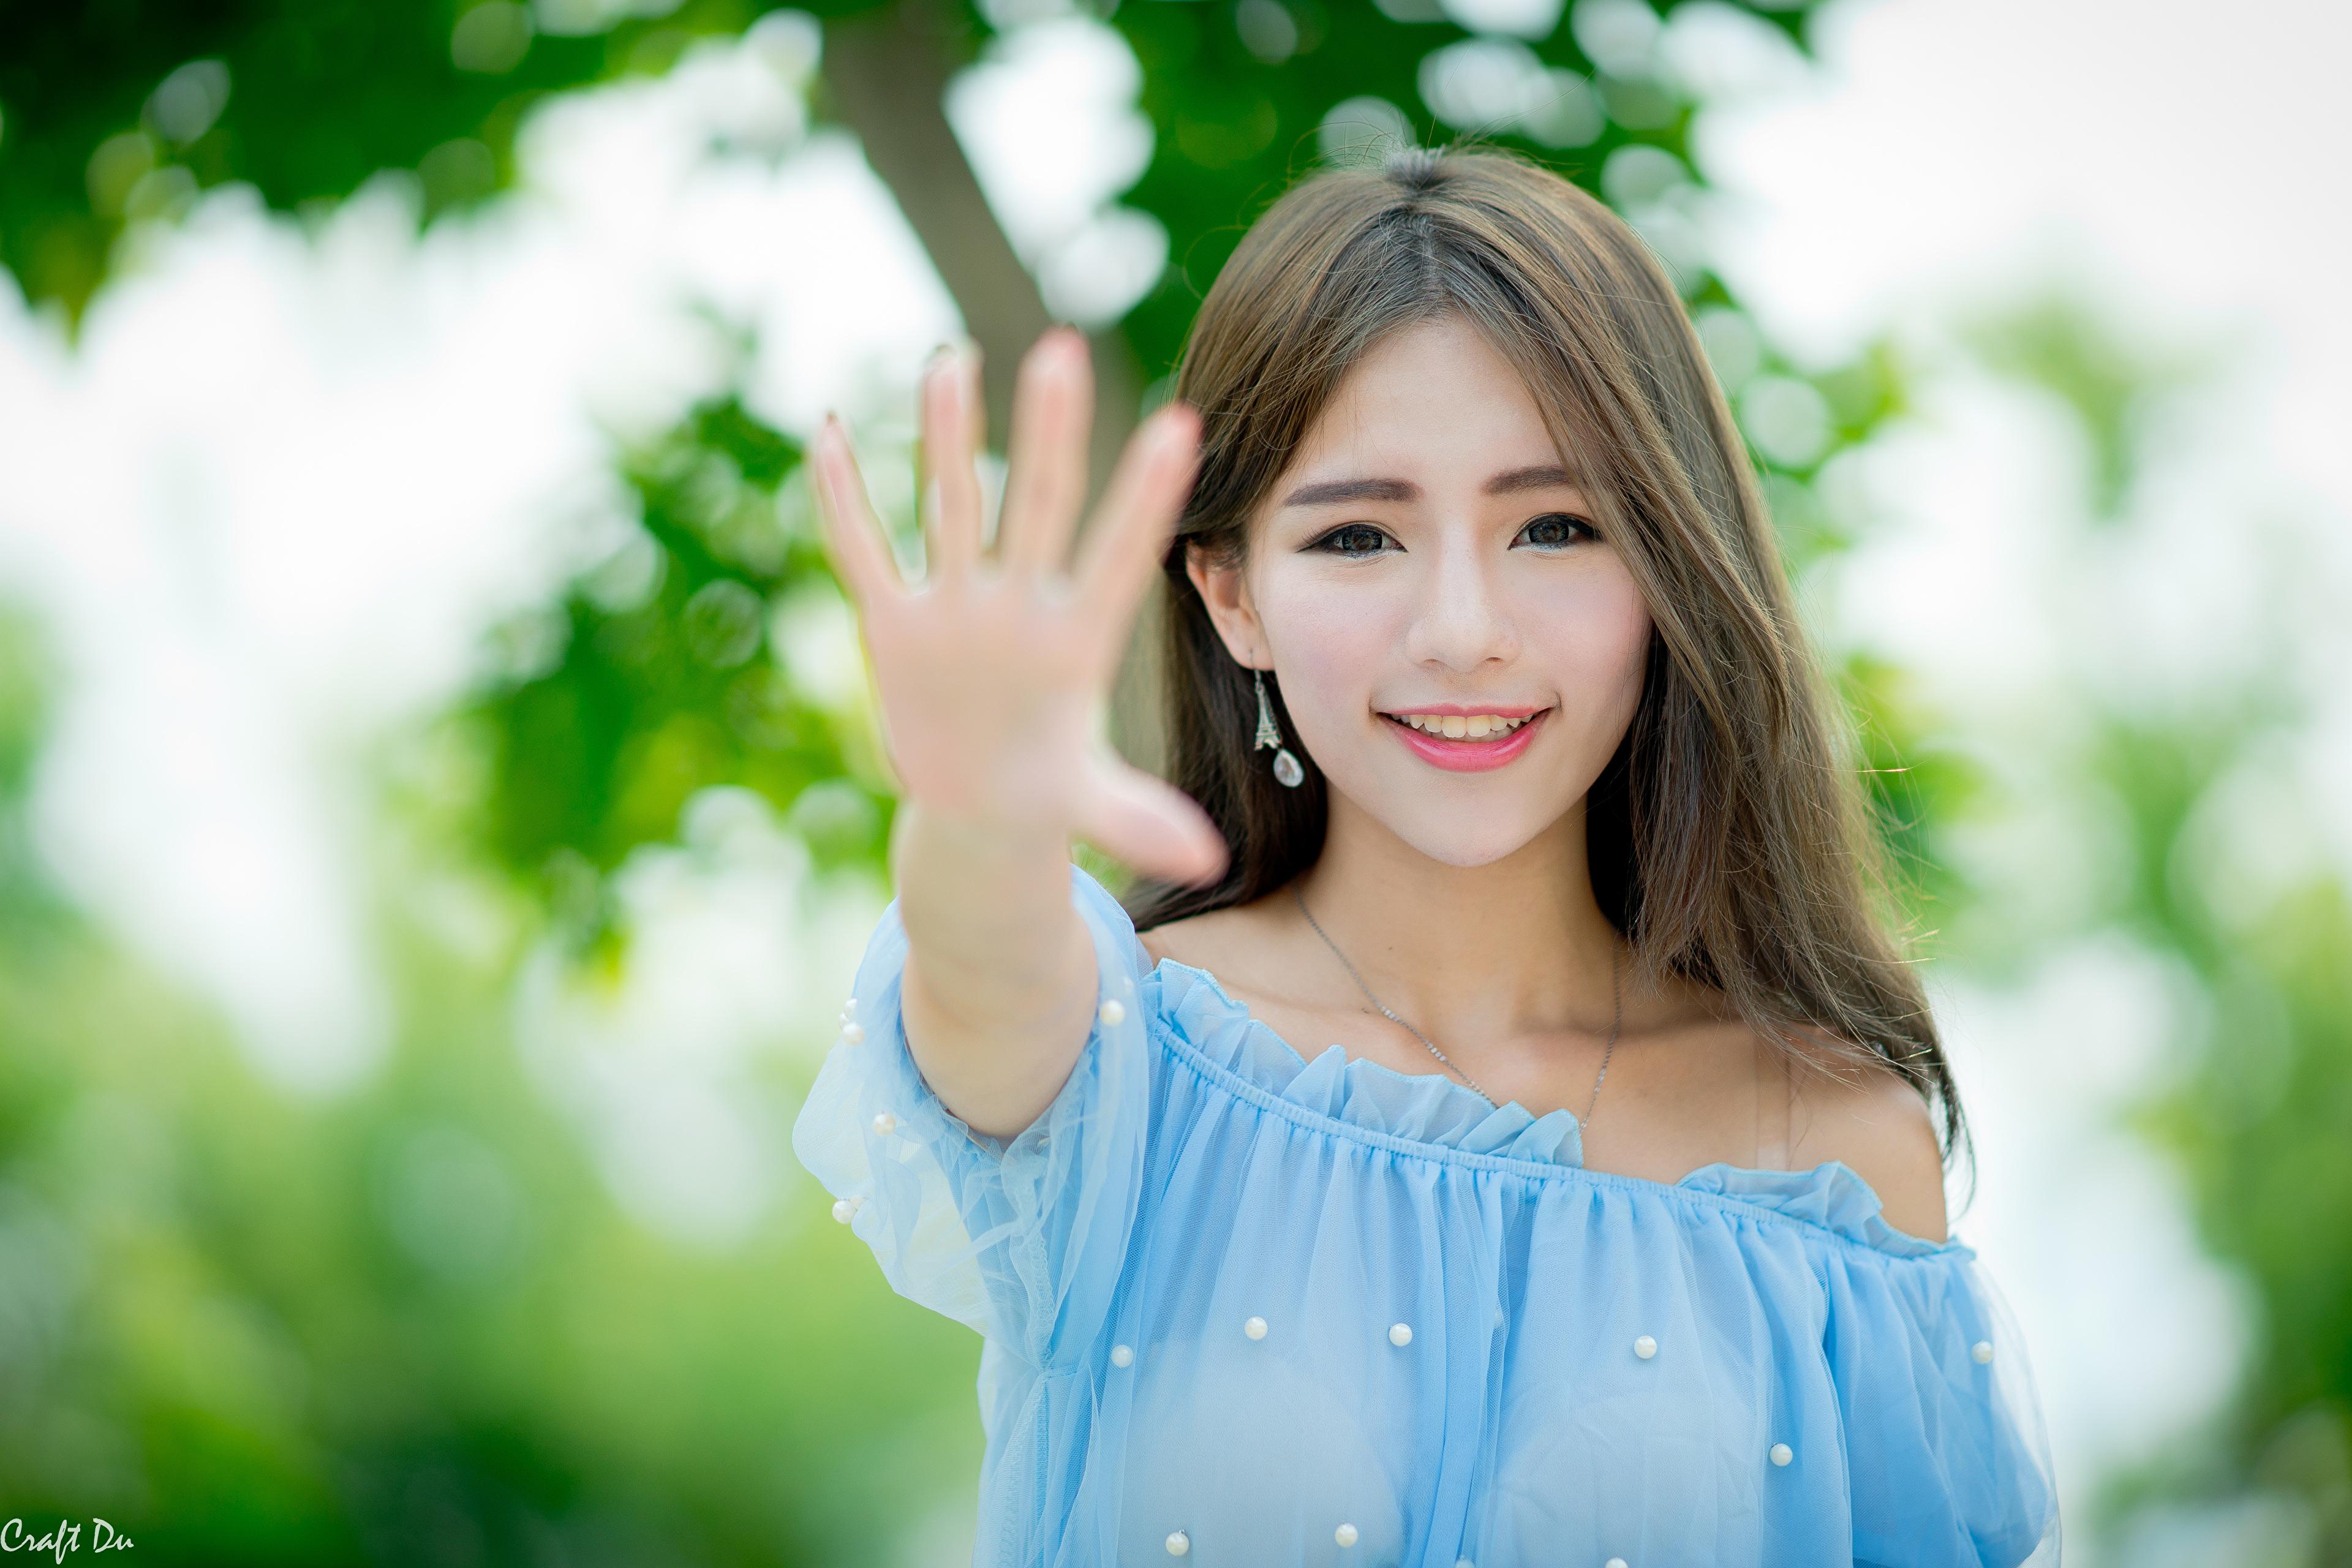 Картинки шатенки Улыбка Жест боке молодые женщины азиатки Руки Взгляд 3840x2560 Шатенка улыбается жесты Размытый фон девушка Девушки молодая женщина Азиаты азиатка рука смотрит смотрят